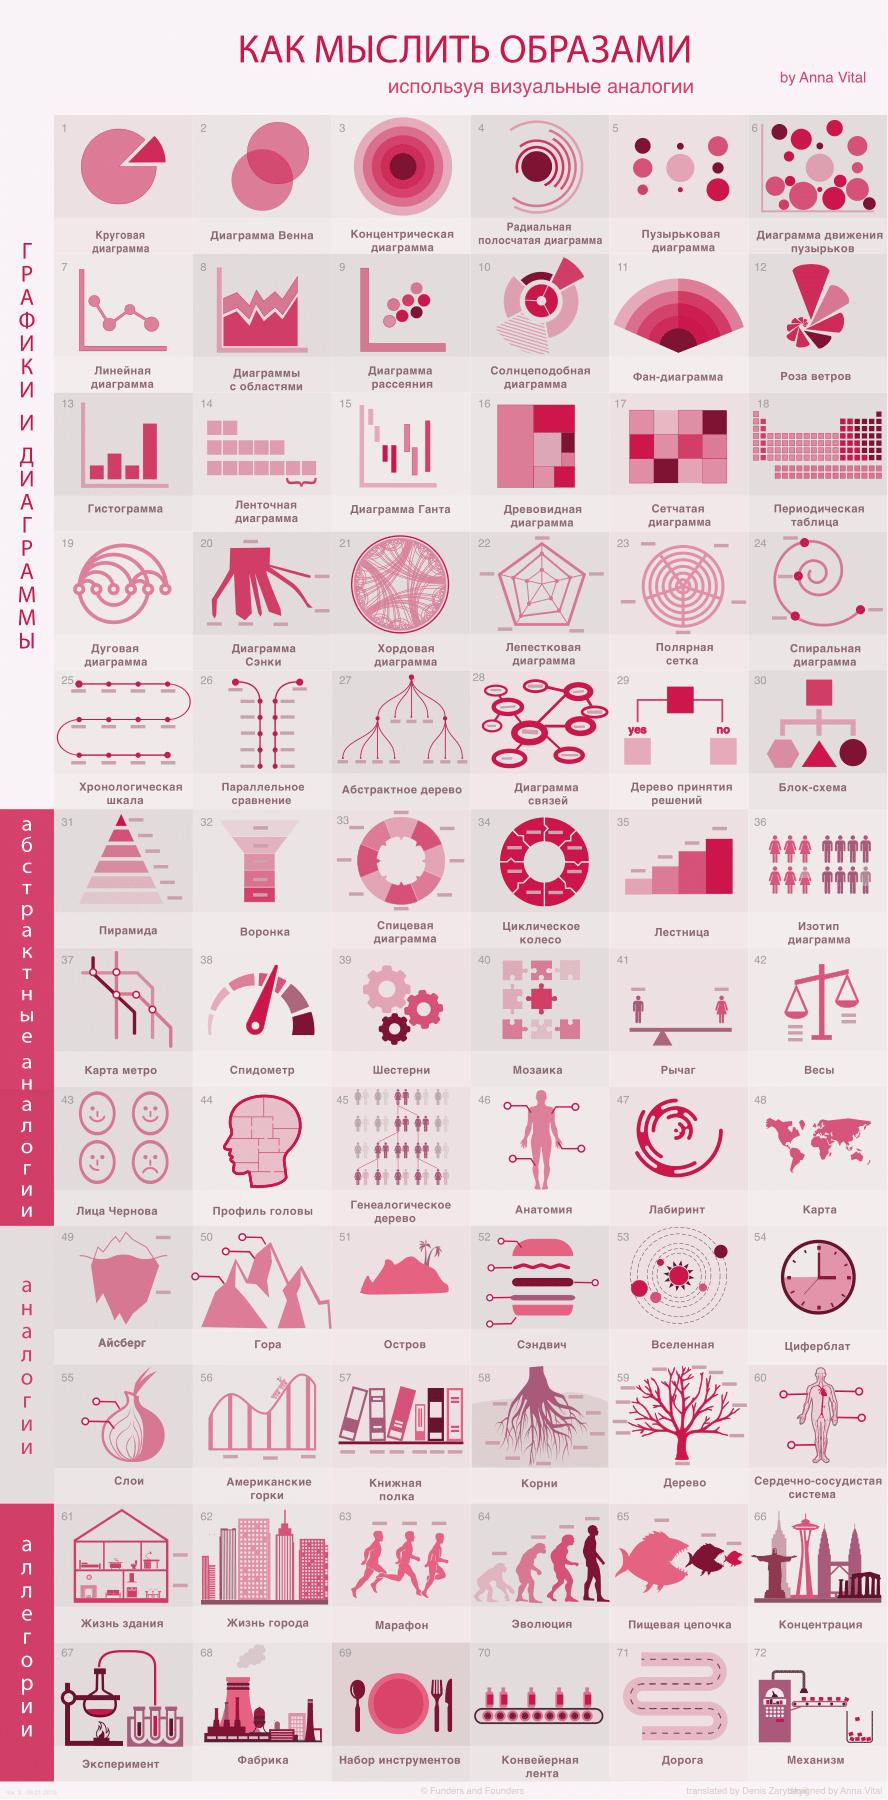 Как научиться мыслить образами, используя визуальные аналогии - 1